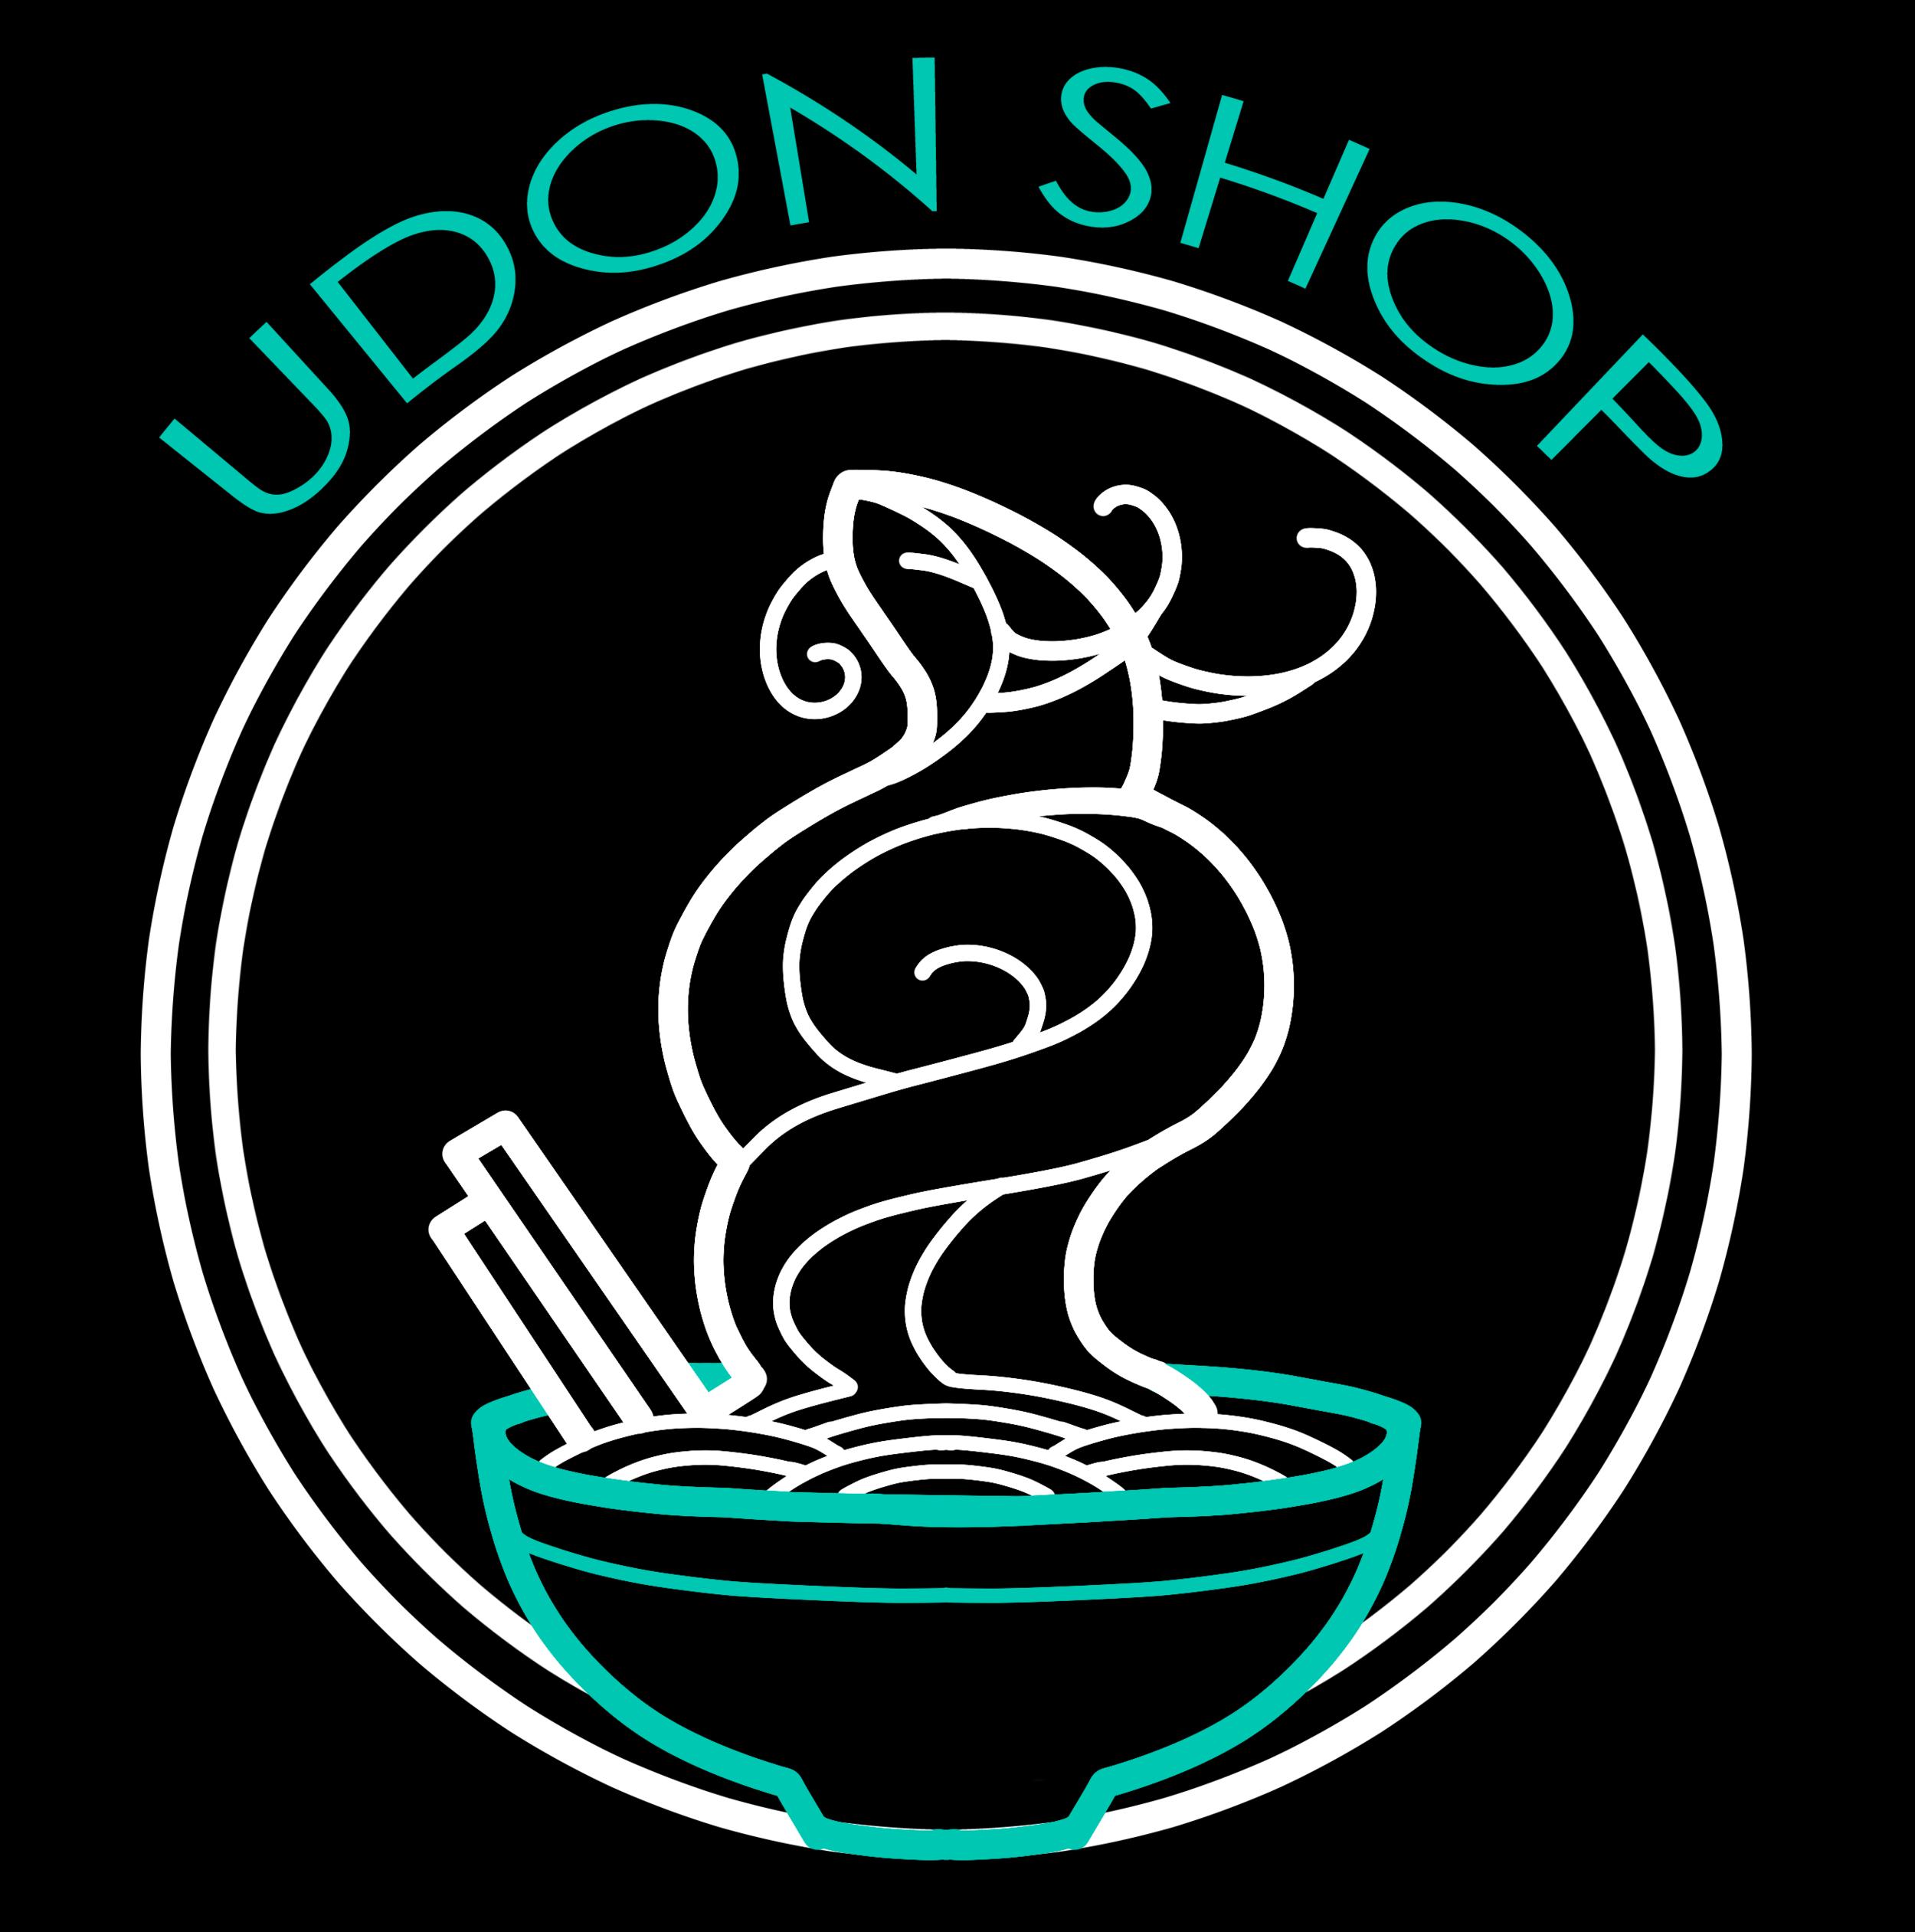 Udon Shop Logo Black BG.png